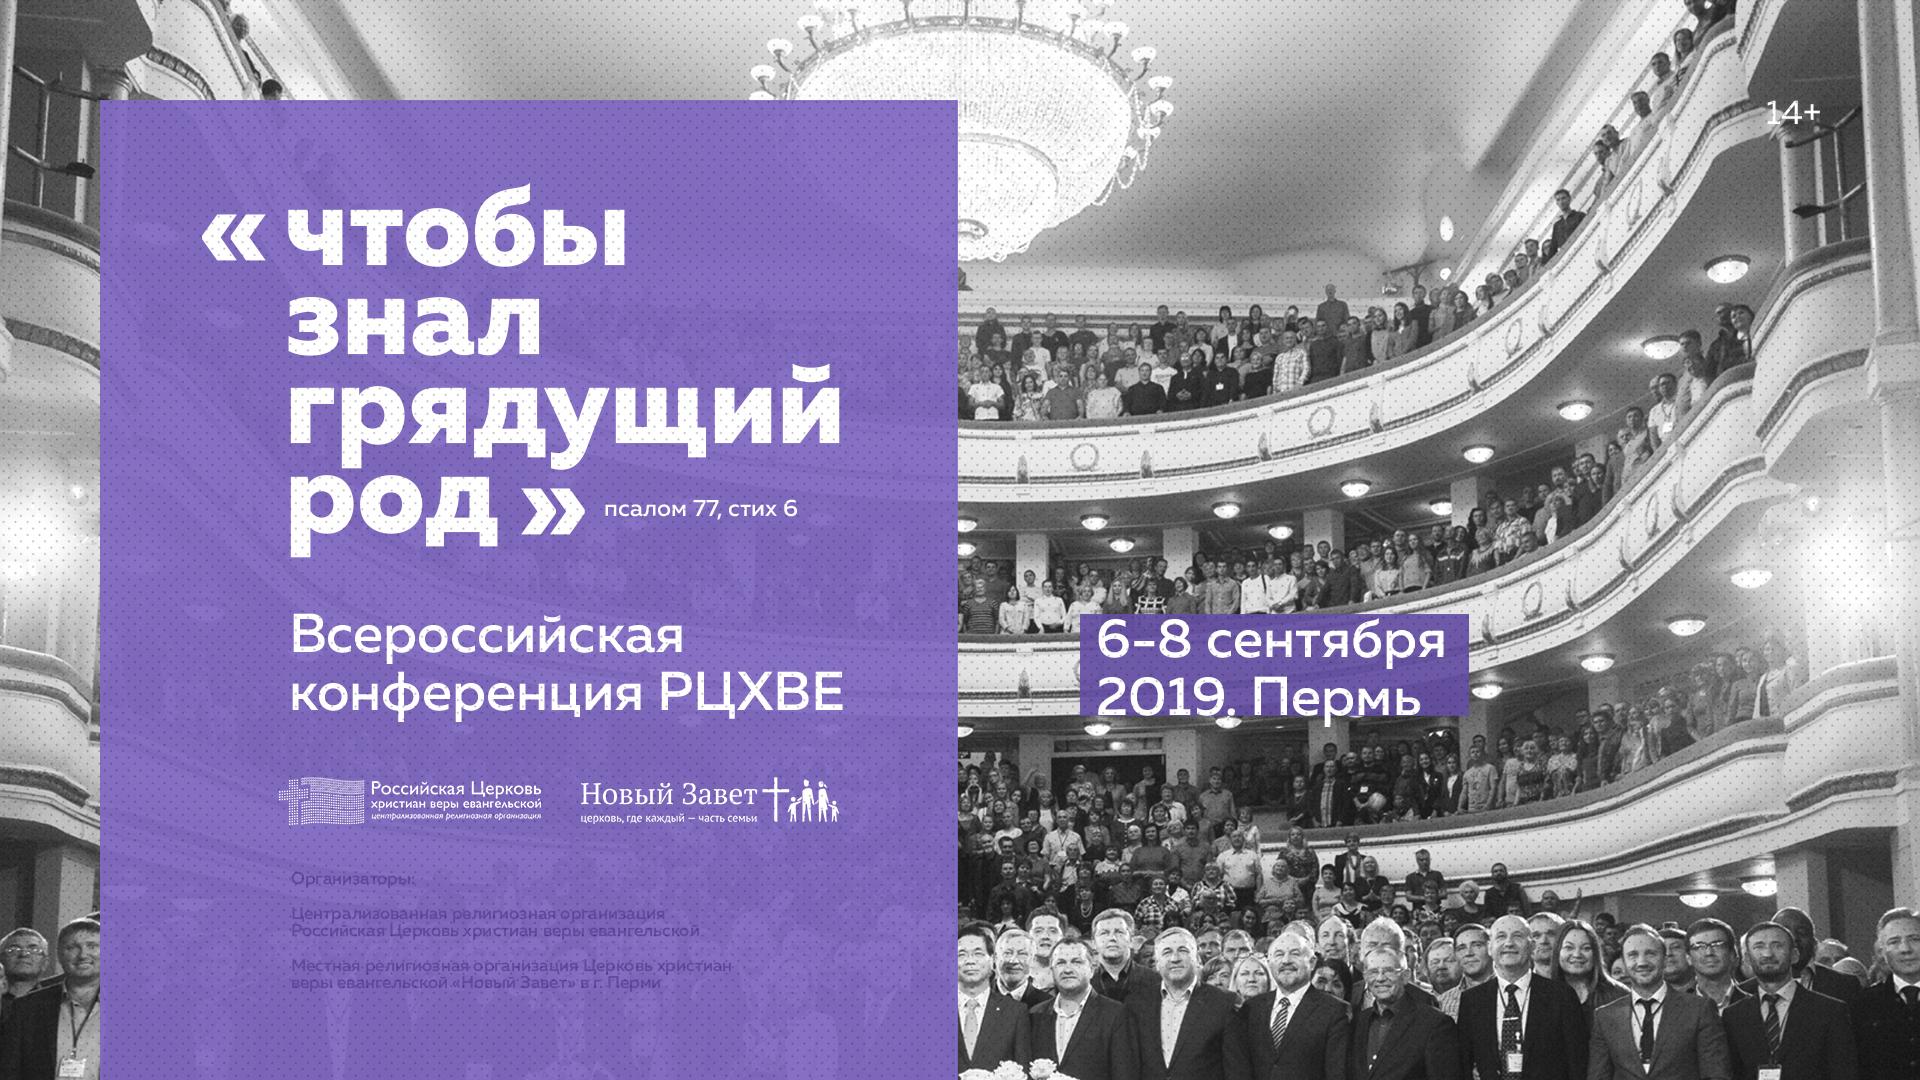 Всероссийская конференция Российской Церкви христиан веры евангельской в Перми пройдет с 6 по 8 сентября